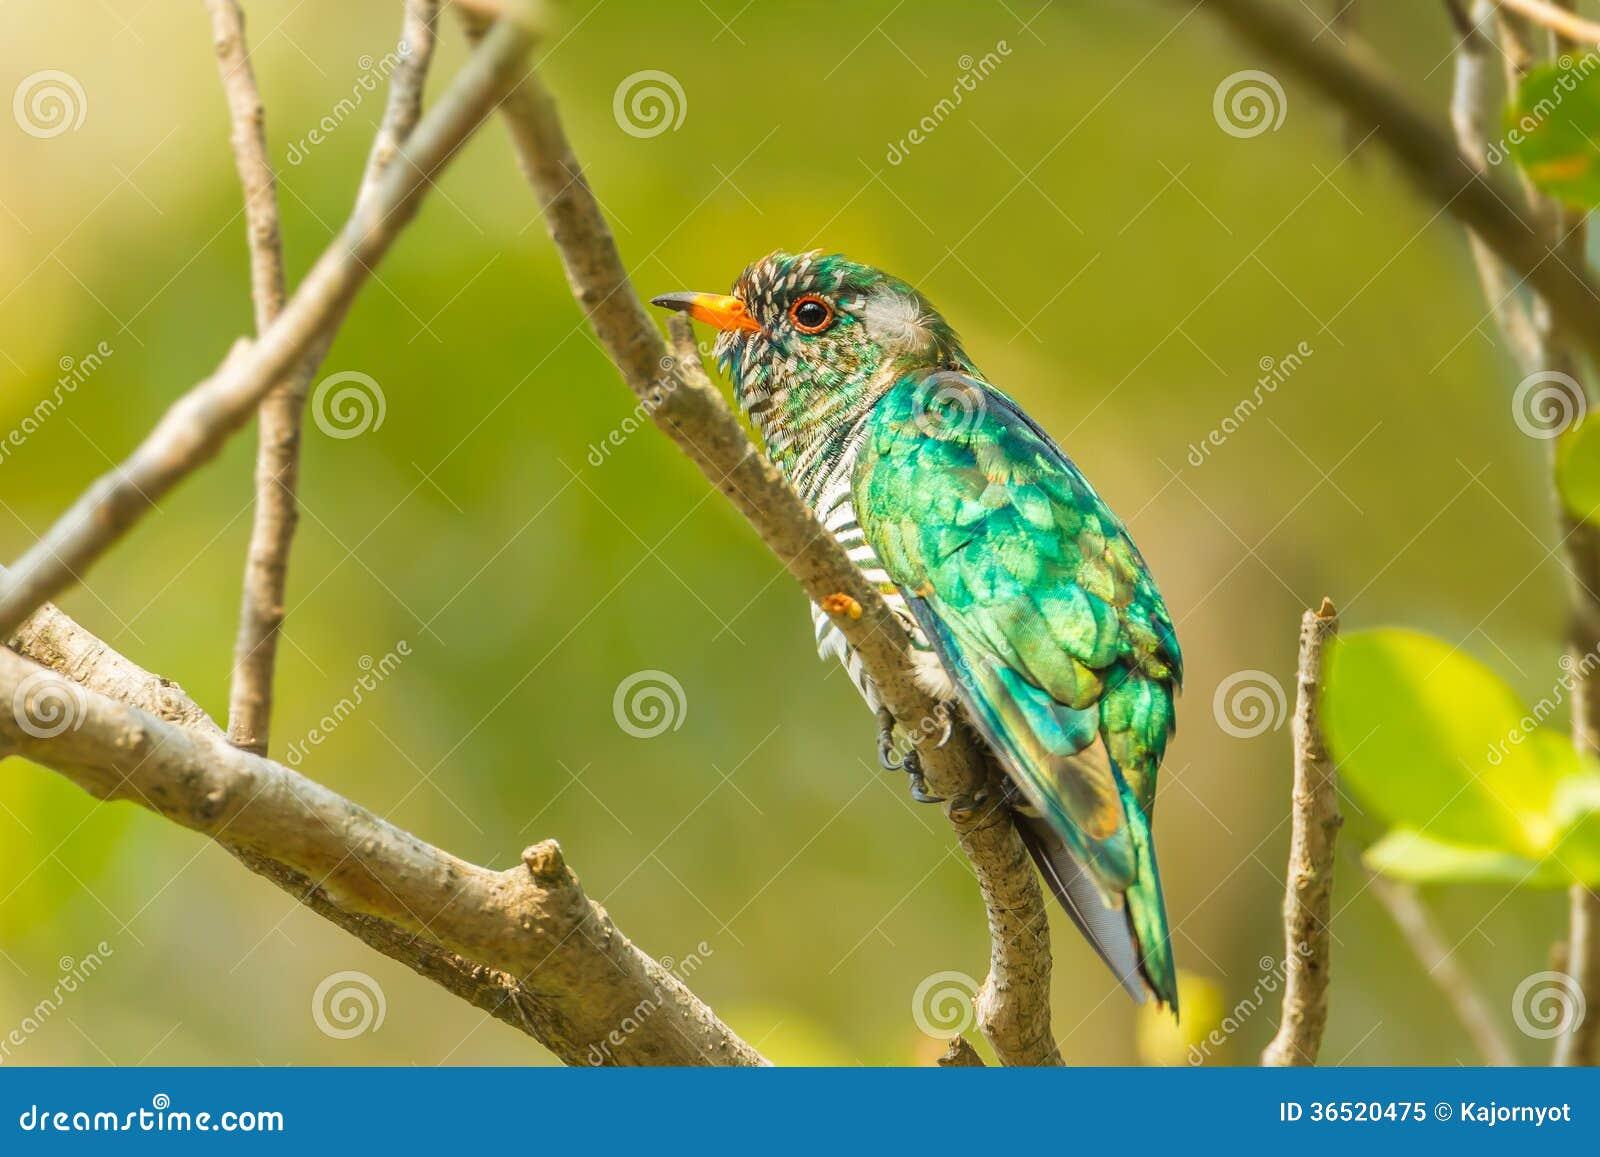 Asiatique masculin Emerald Cuckoo